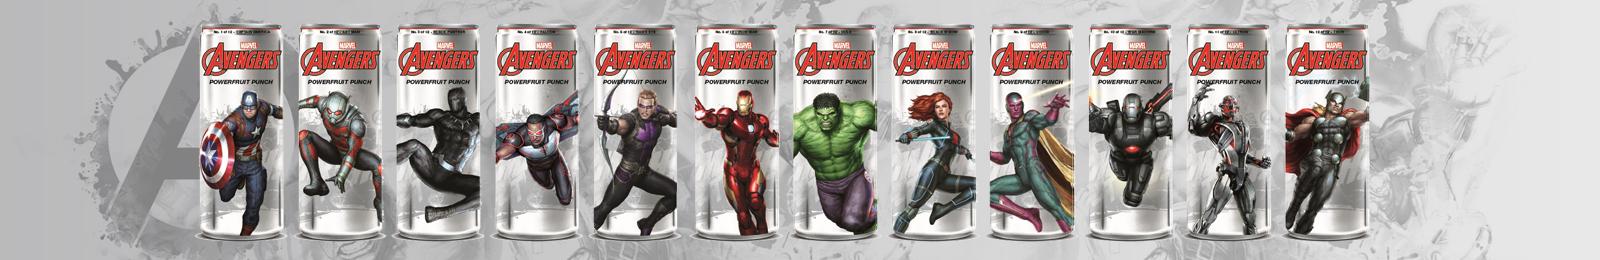 avengers_header_bg7